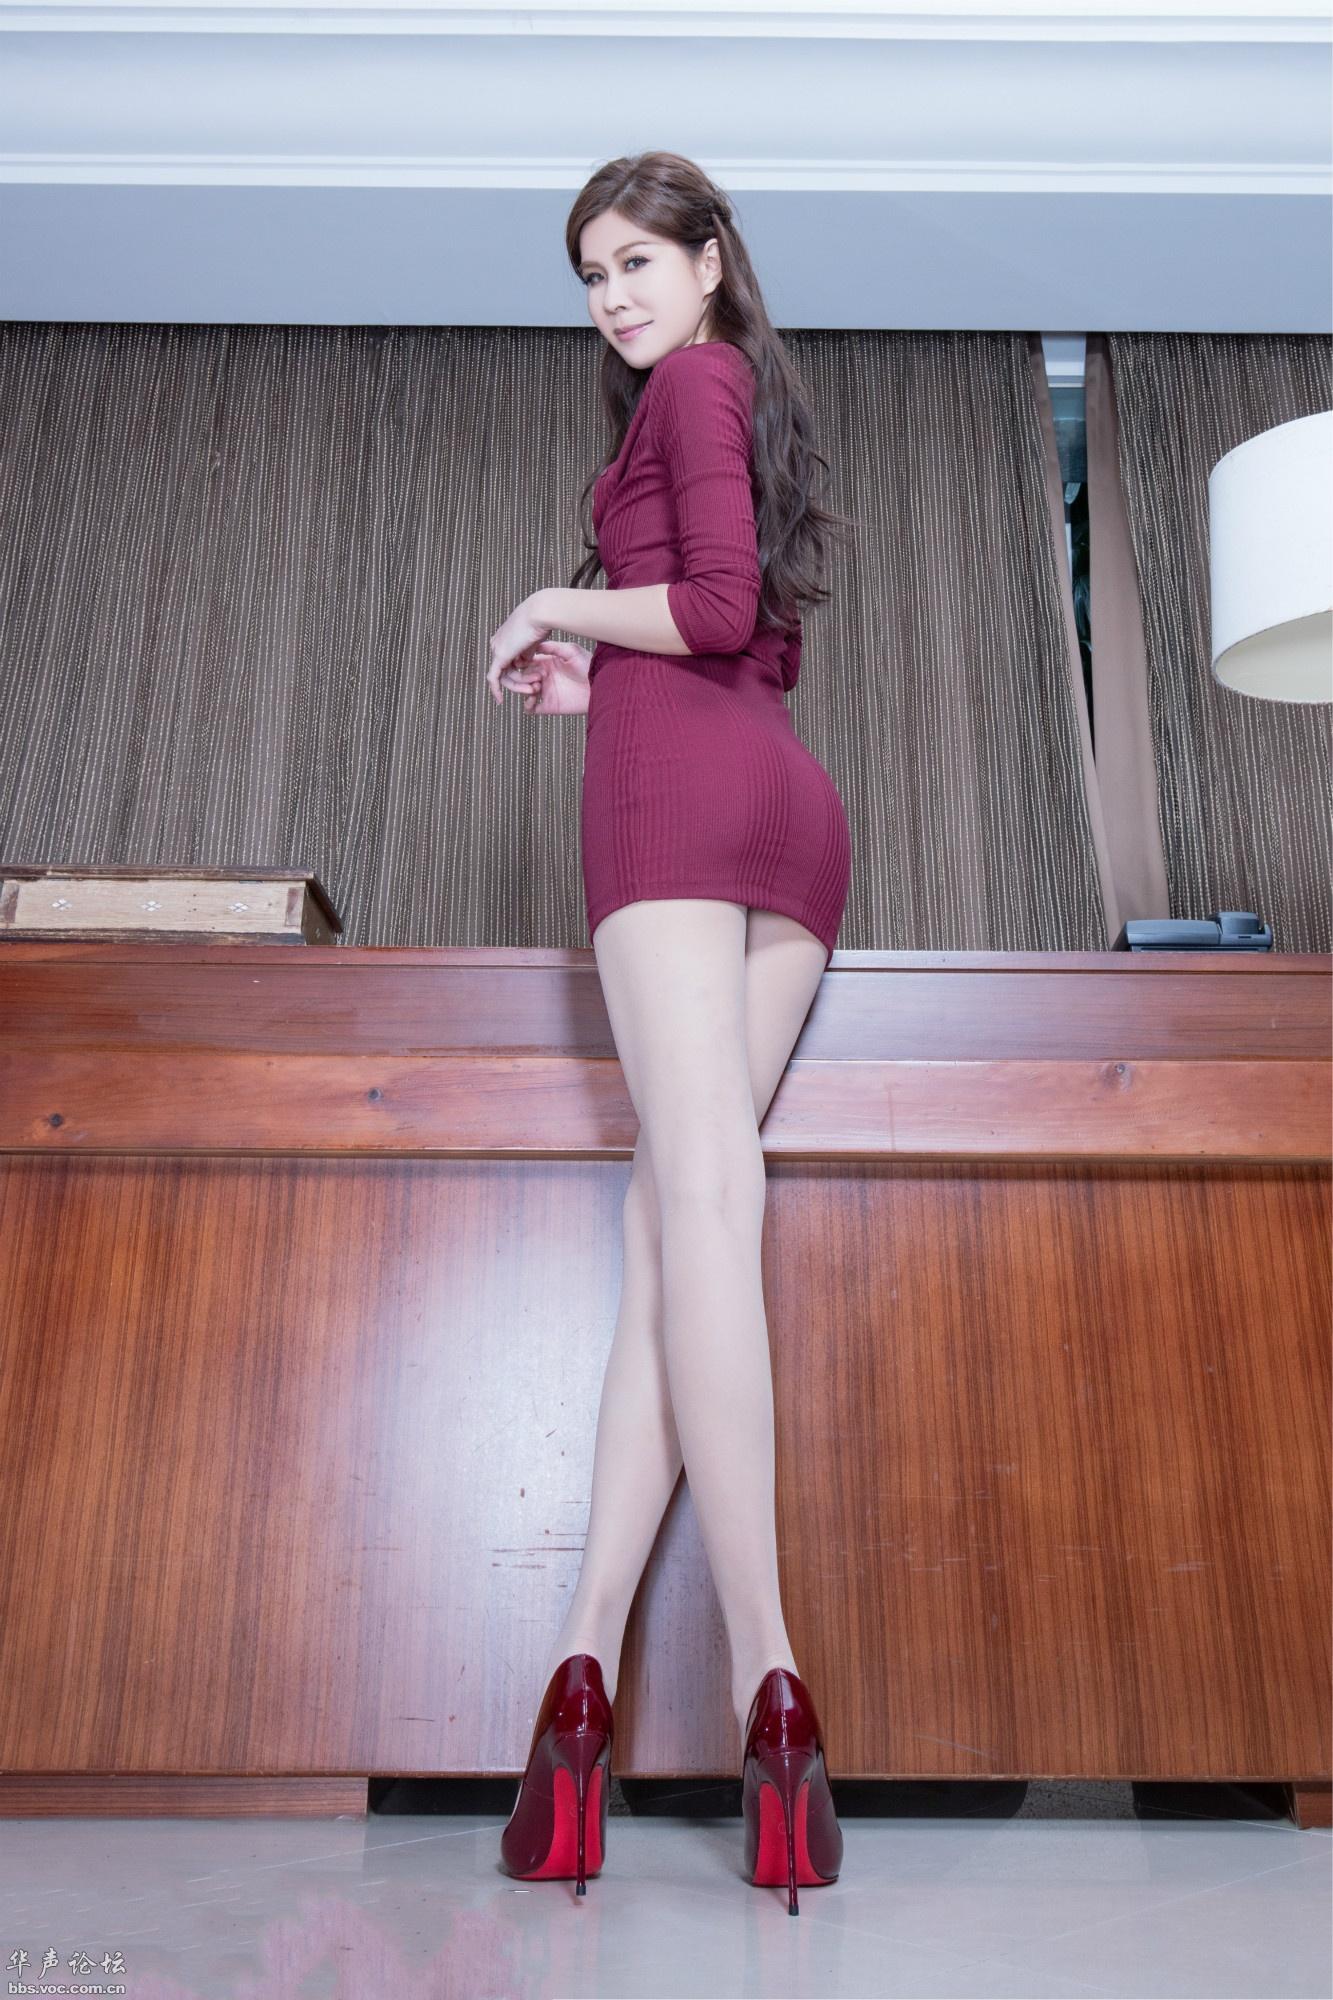 爱秀美腿秀Sarah2 - 花開有聲 - 花開有聲